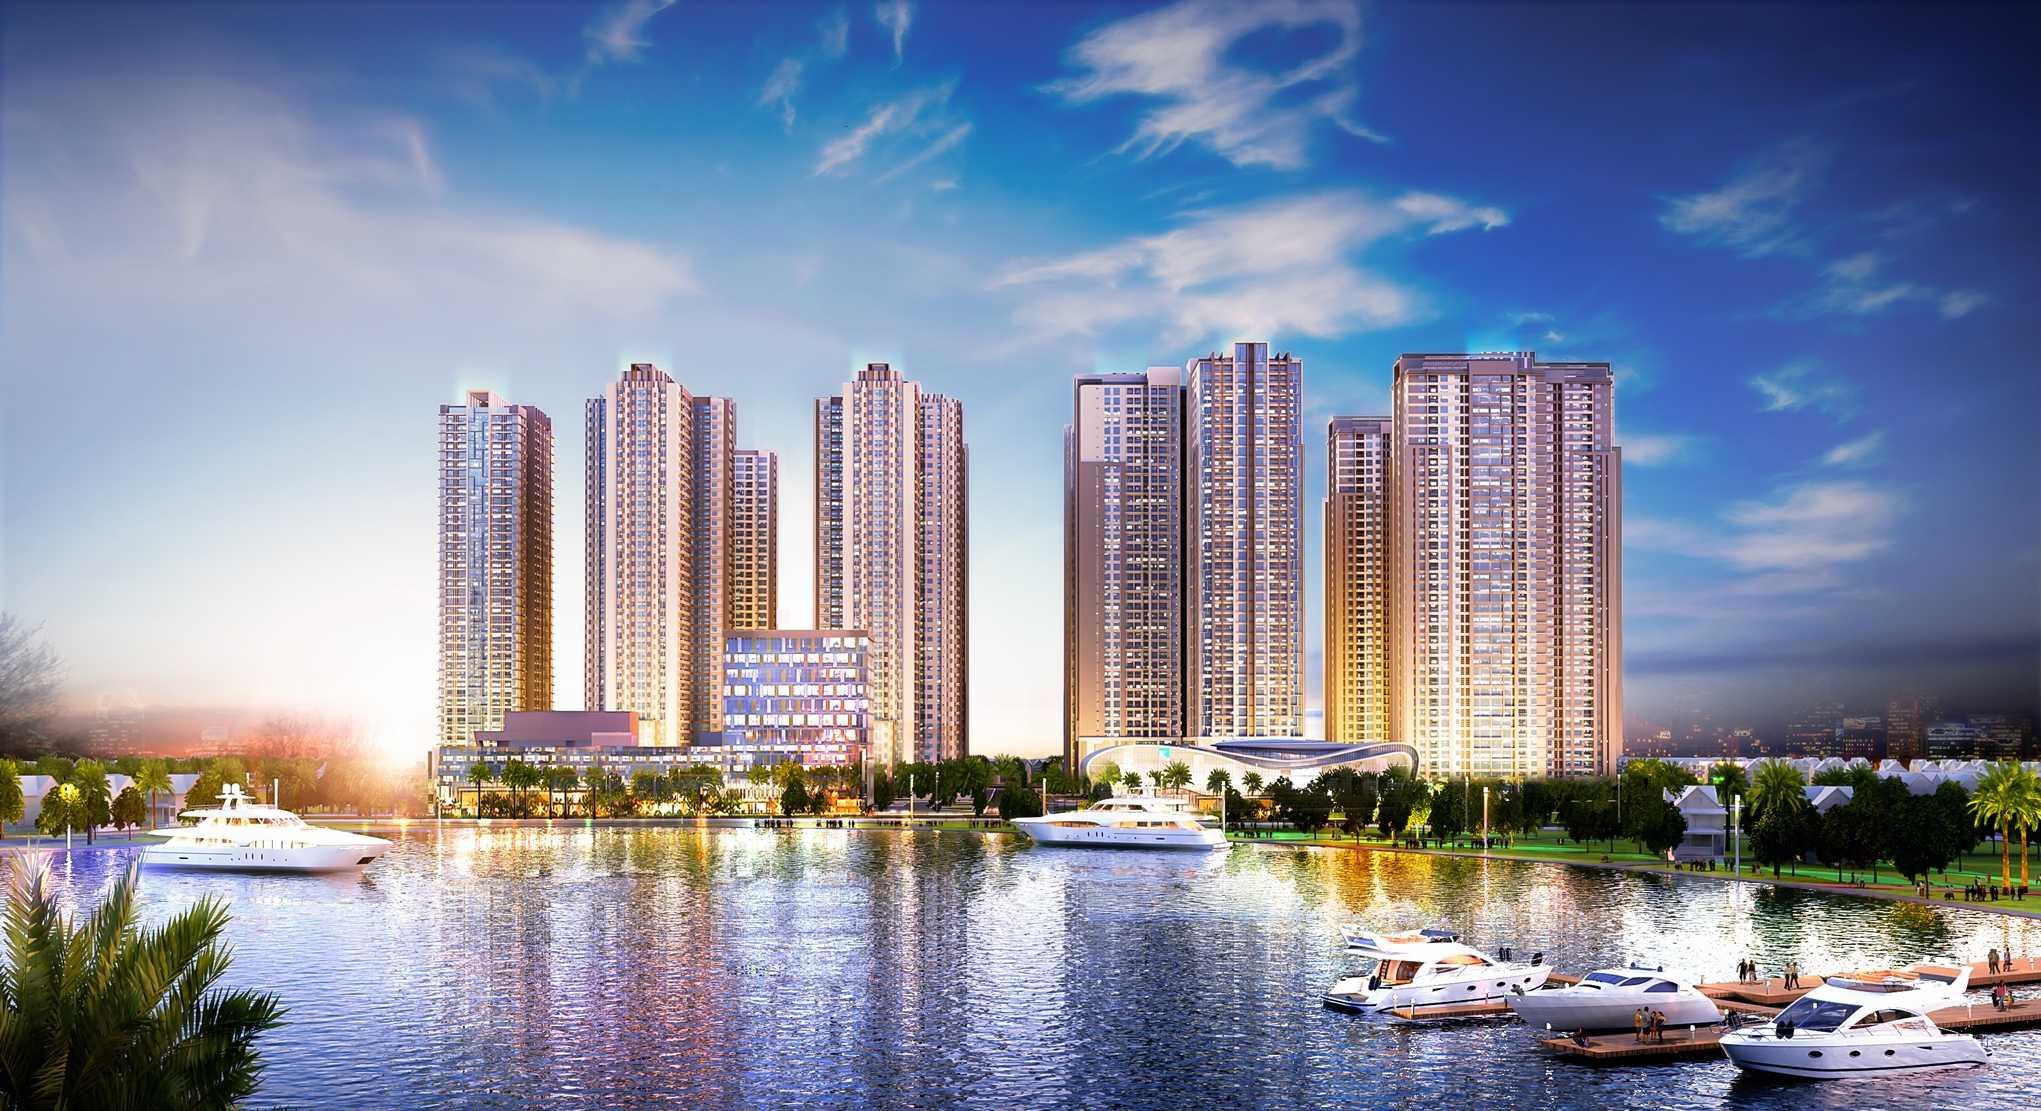 TNR Holdings ra mắt khu Sapphire với nhiều gói vay hấp dẫn